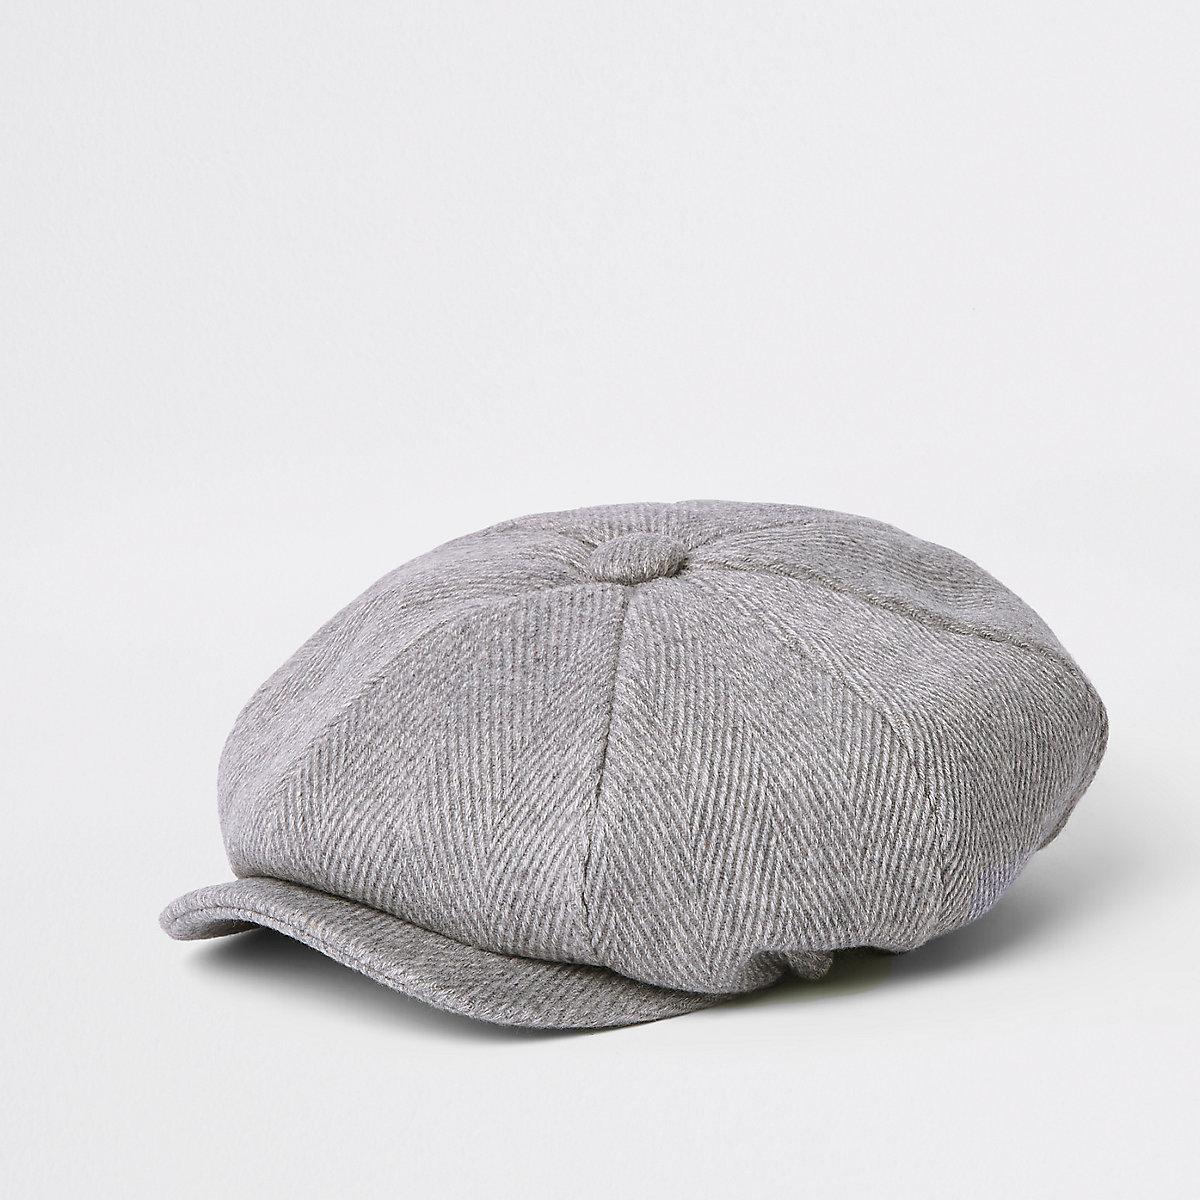 4e4e8a3561d Light grey herringbone baker boy hat - Hats   Caps - Accessories - men